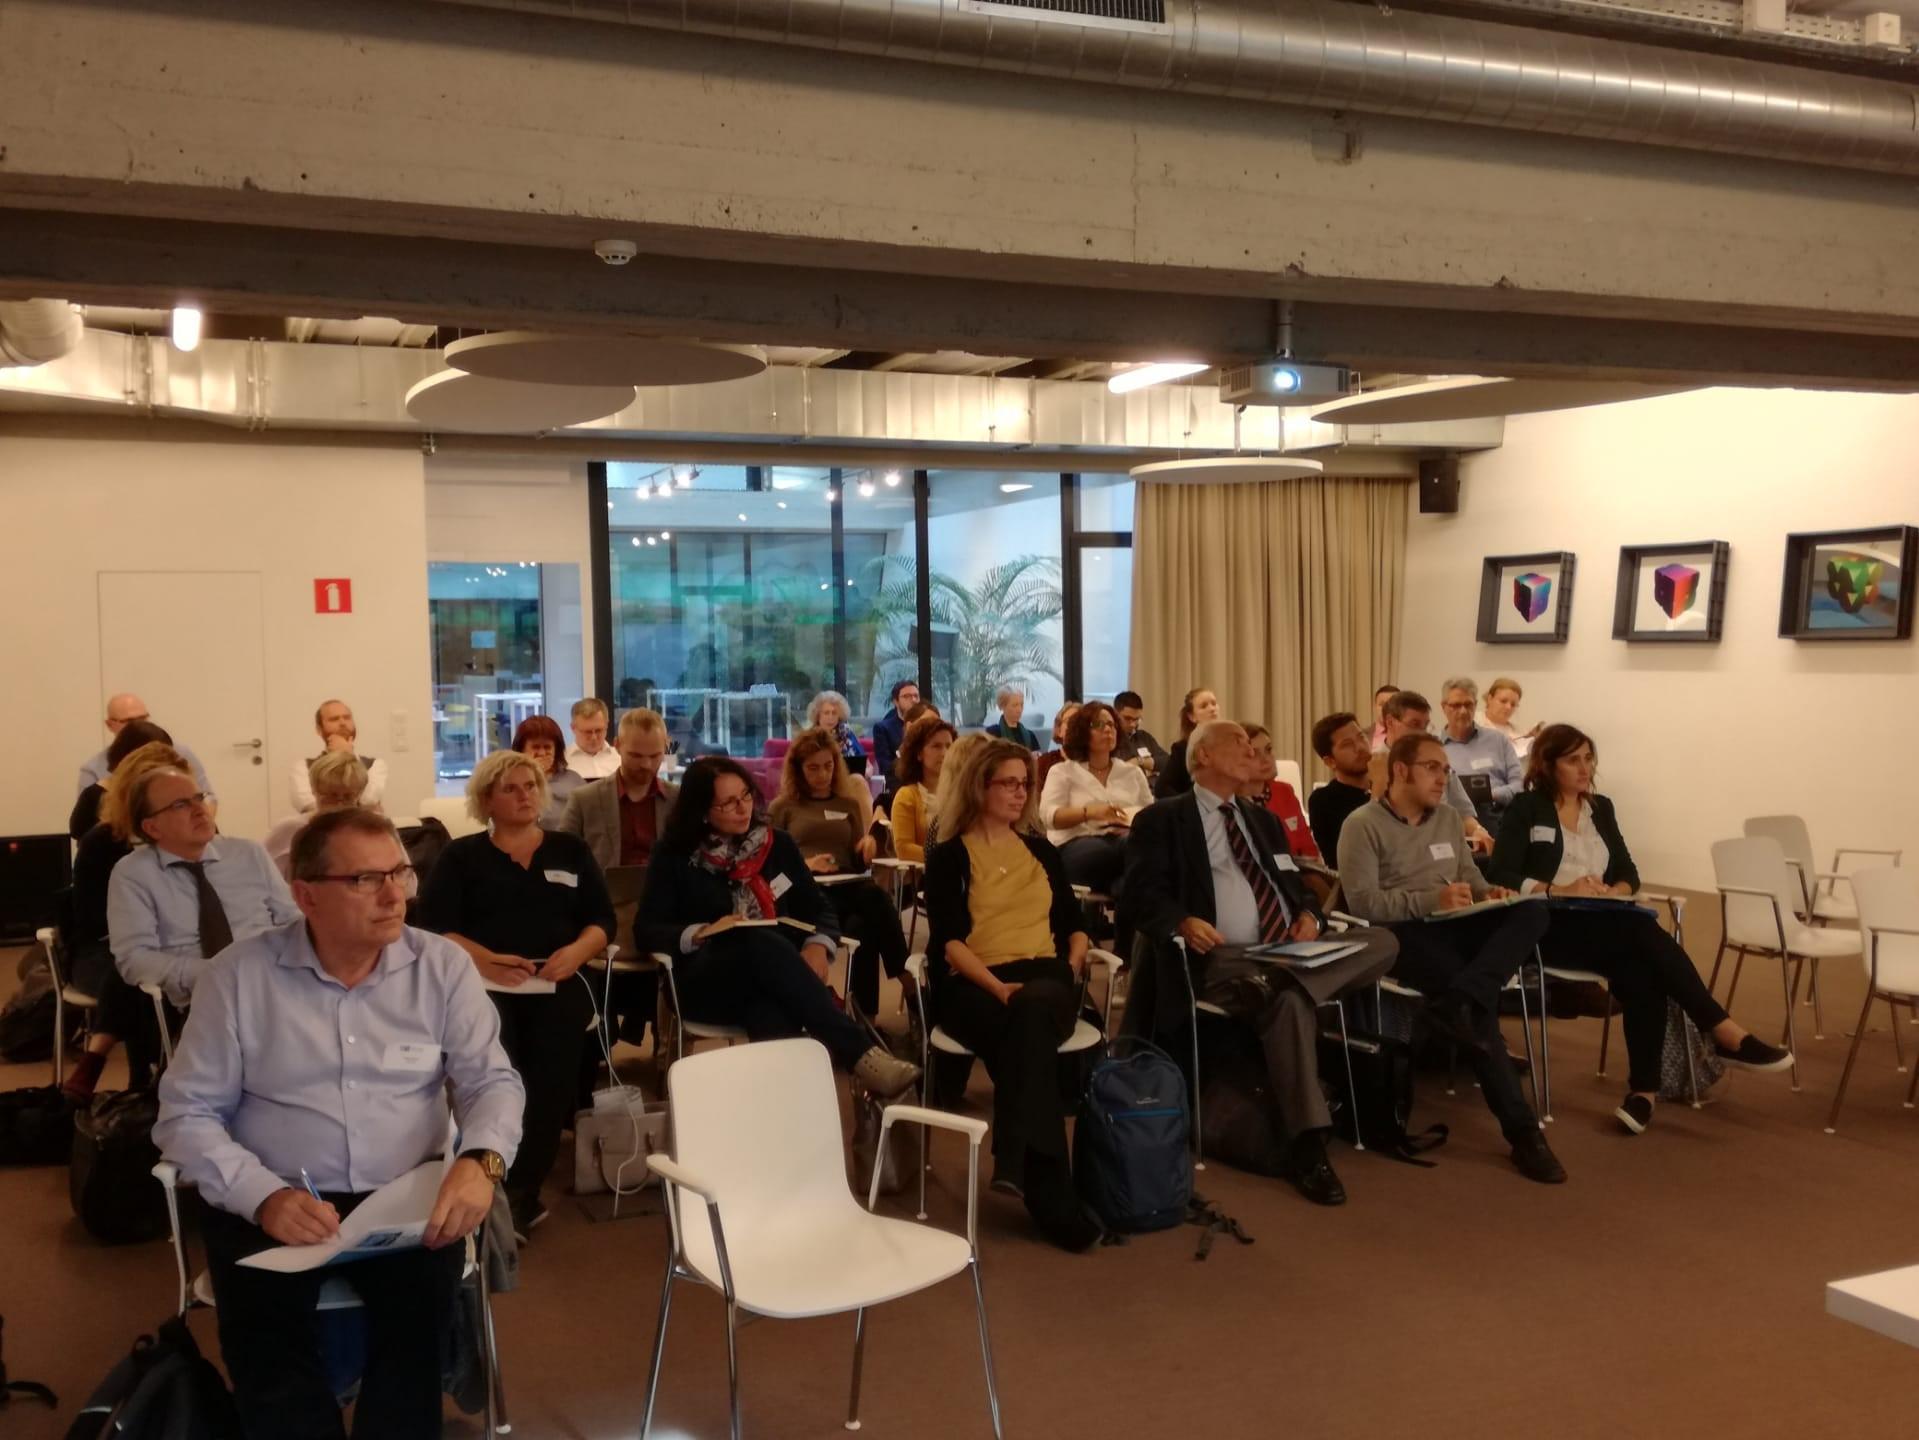 Sastanku su prisustvovali gradonačelnici Skradina mr.